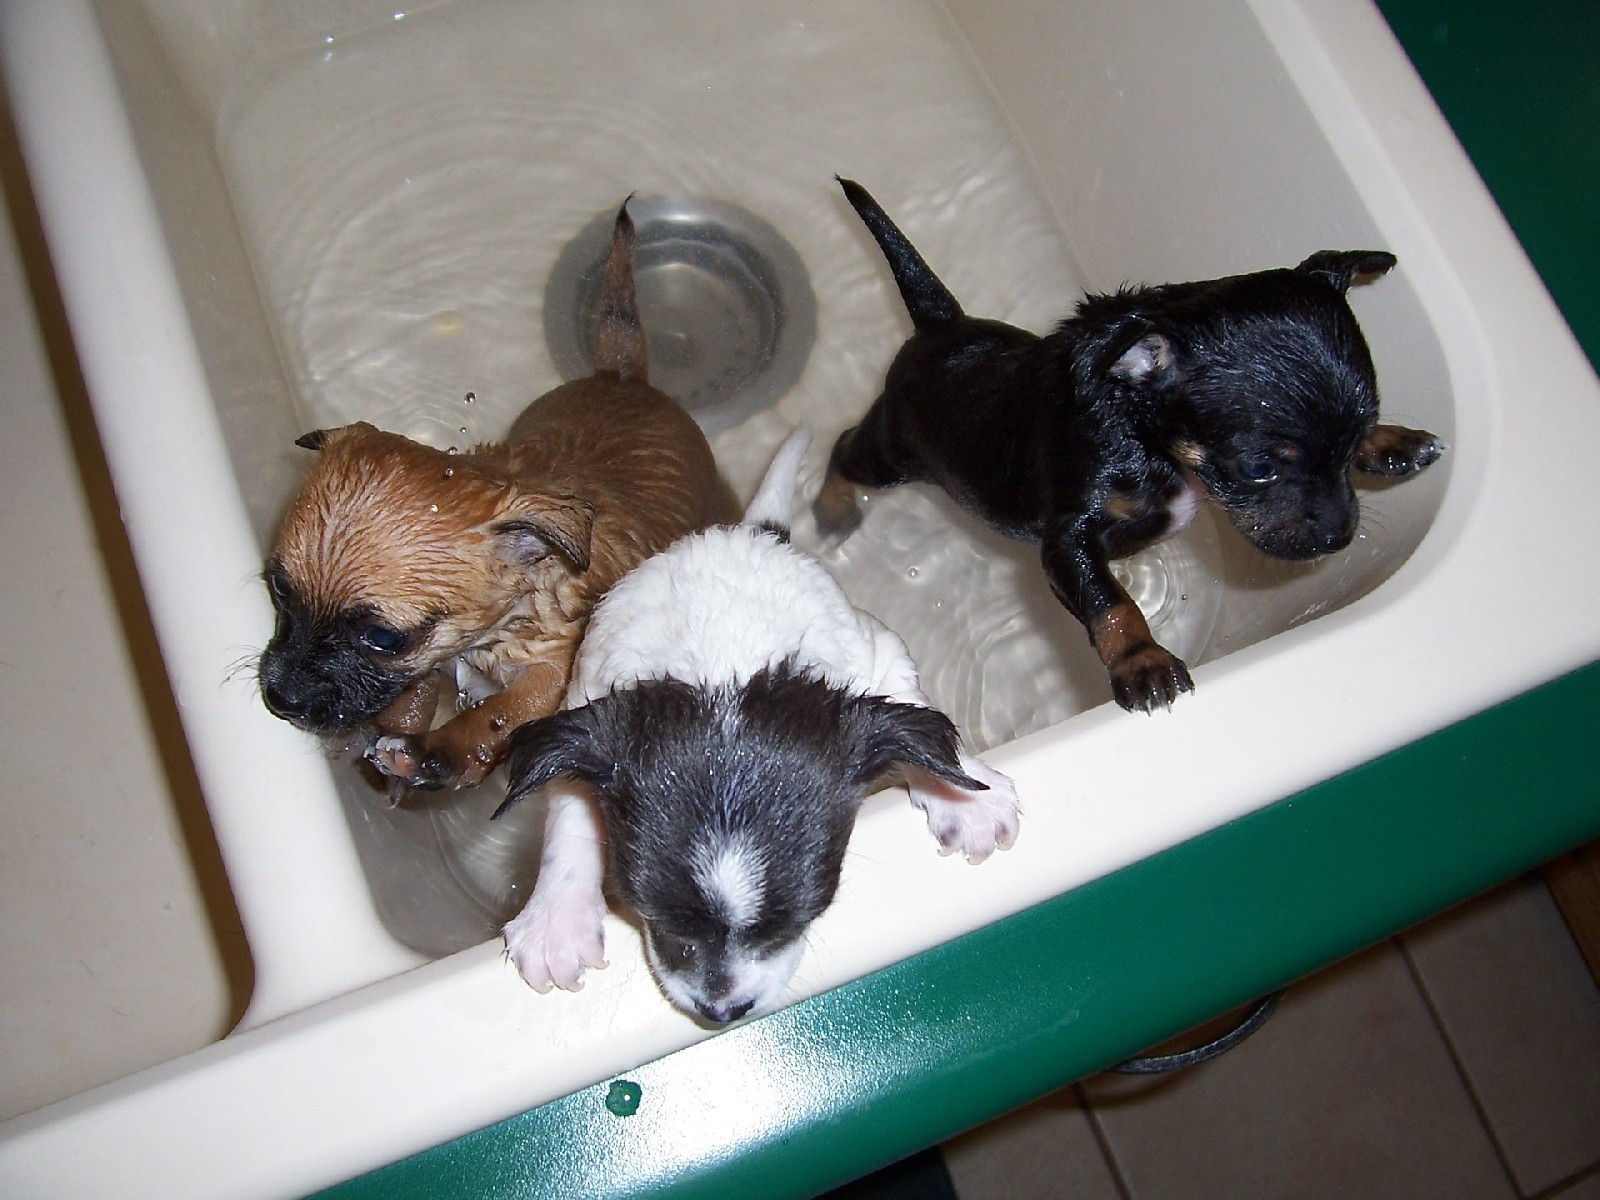 Kąpiel psa oraz kota - jak zapewnić bezpieczeństwo sobie i swojemu pupilowi?